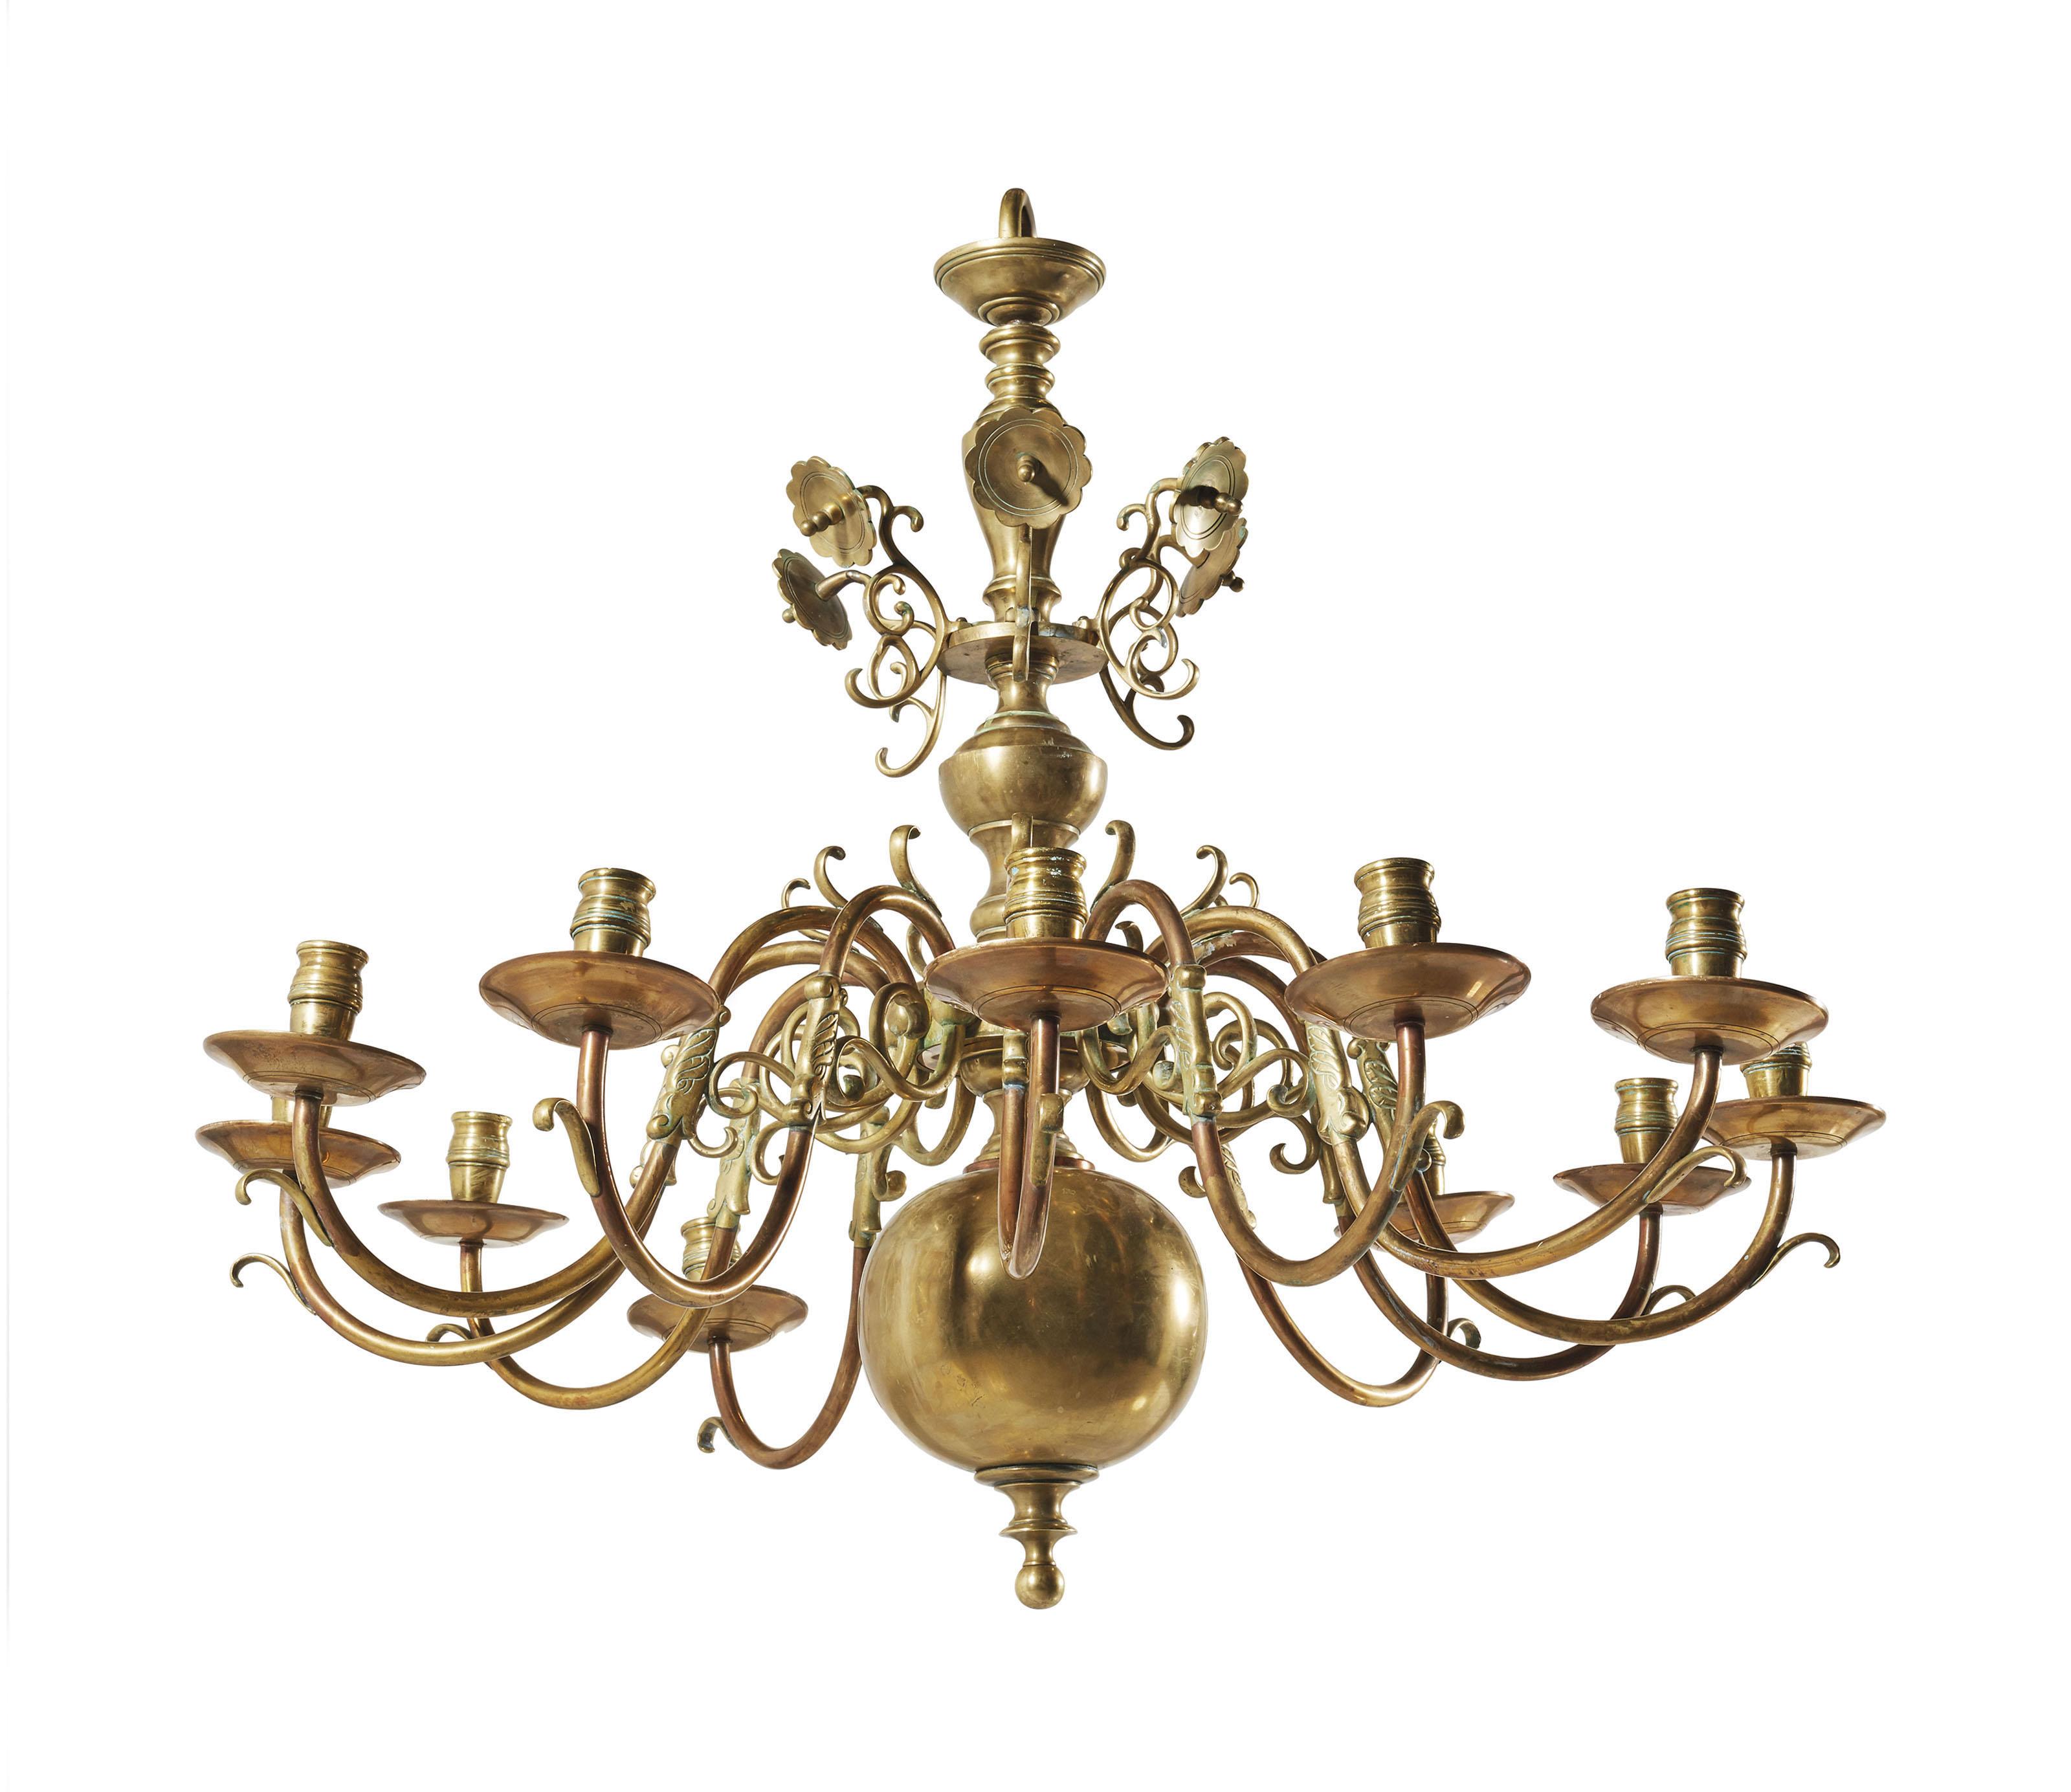 lustre hollandais de style baroque milieu du xixe siecle christie 39 s. Black Bedroom Furniture Sets. Home Design Ideas